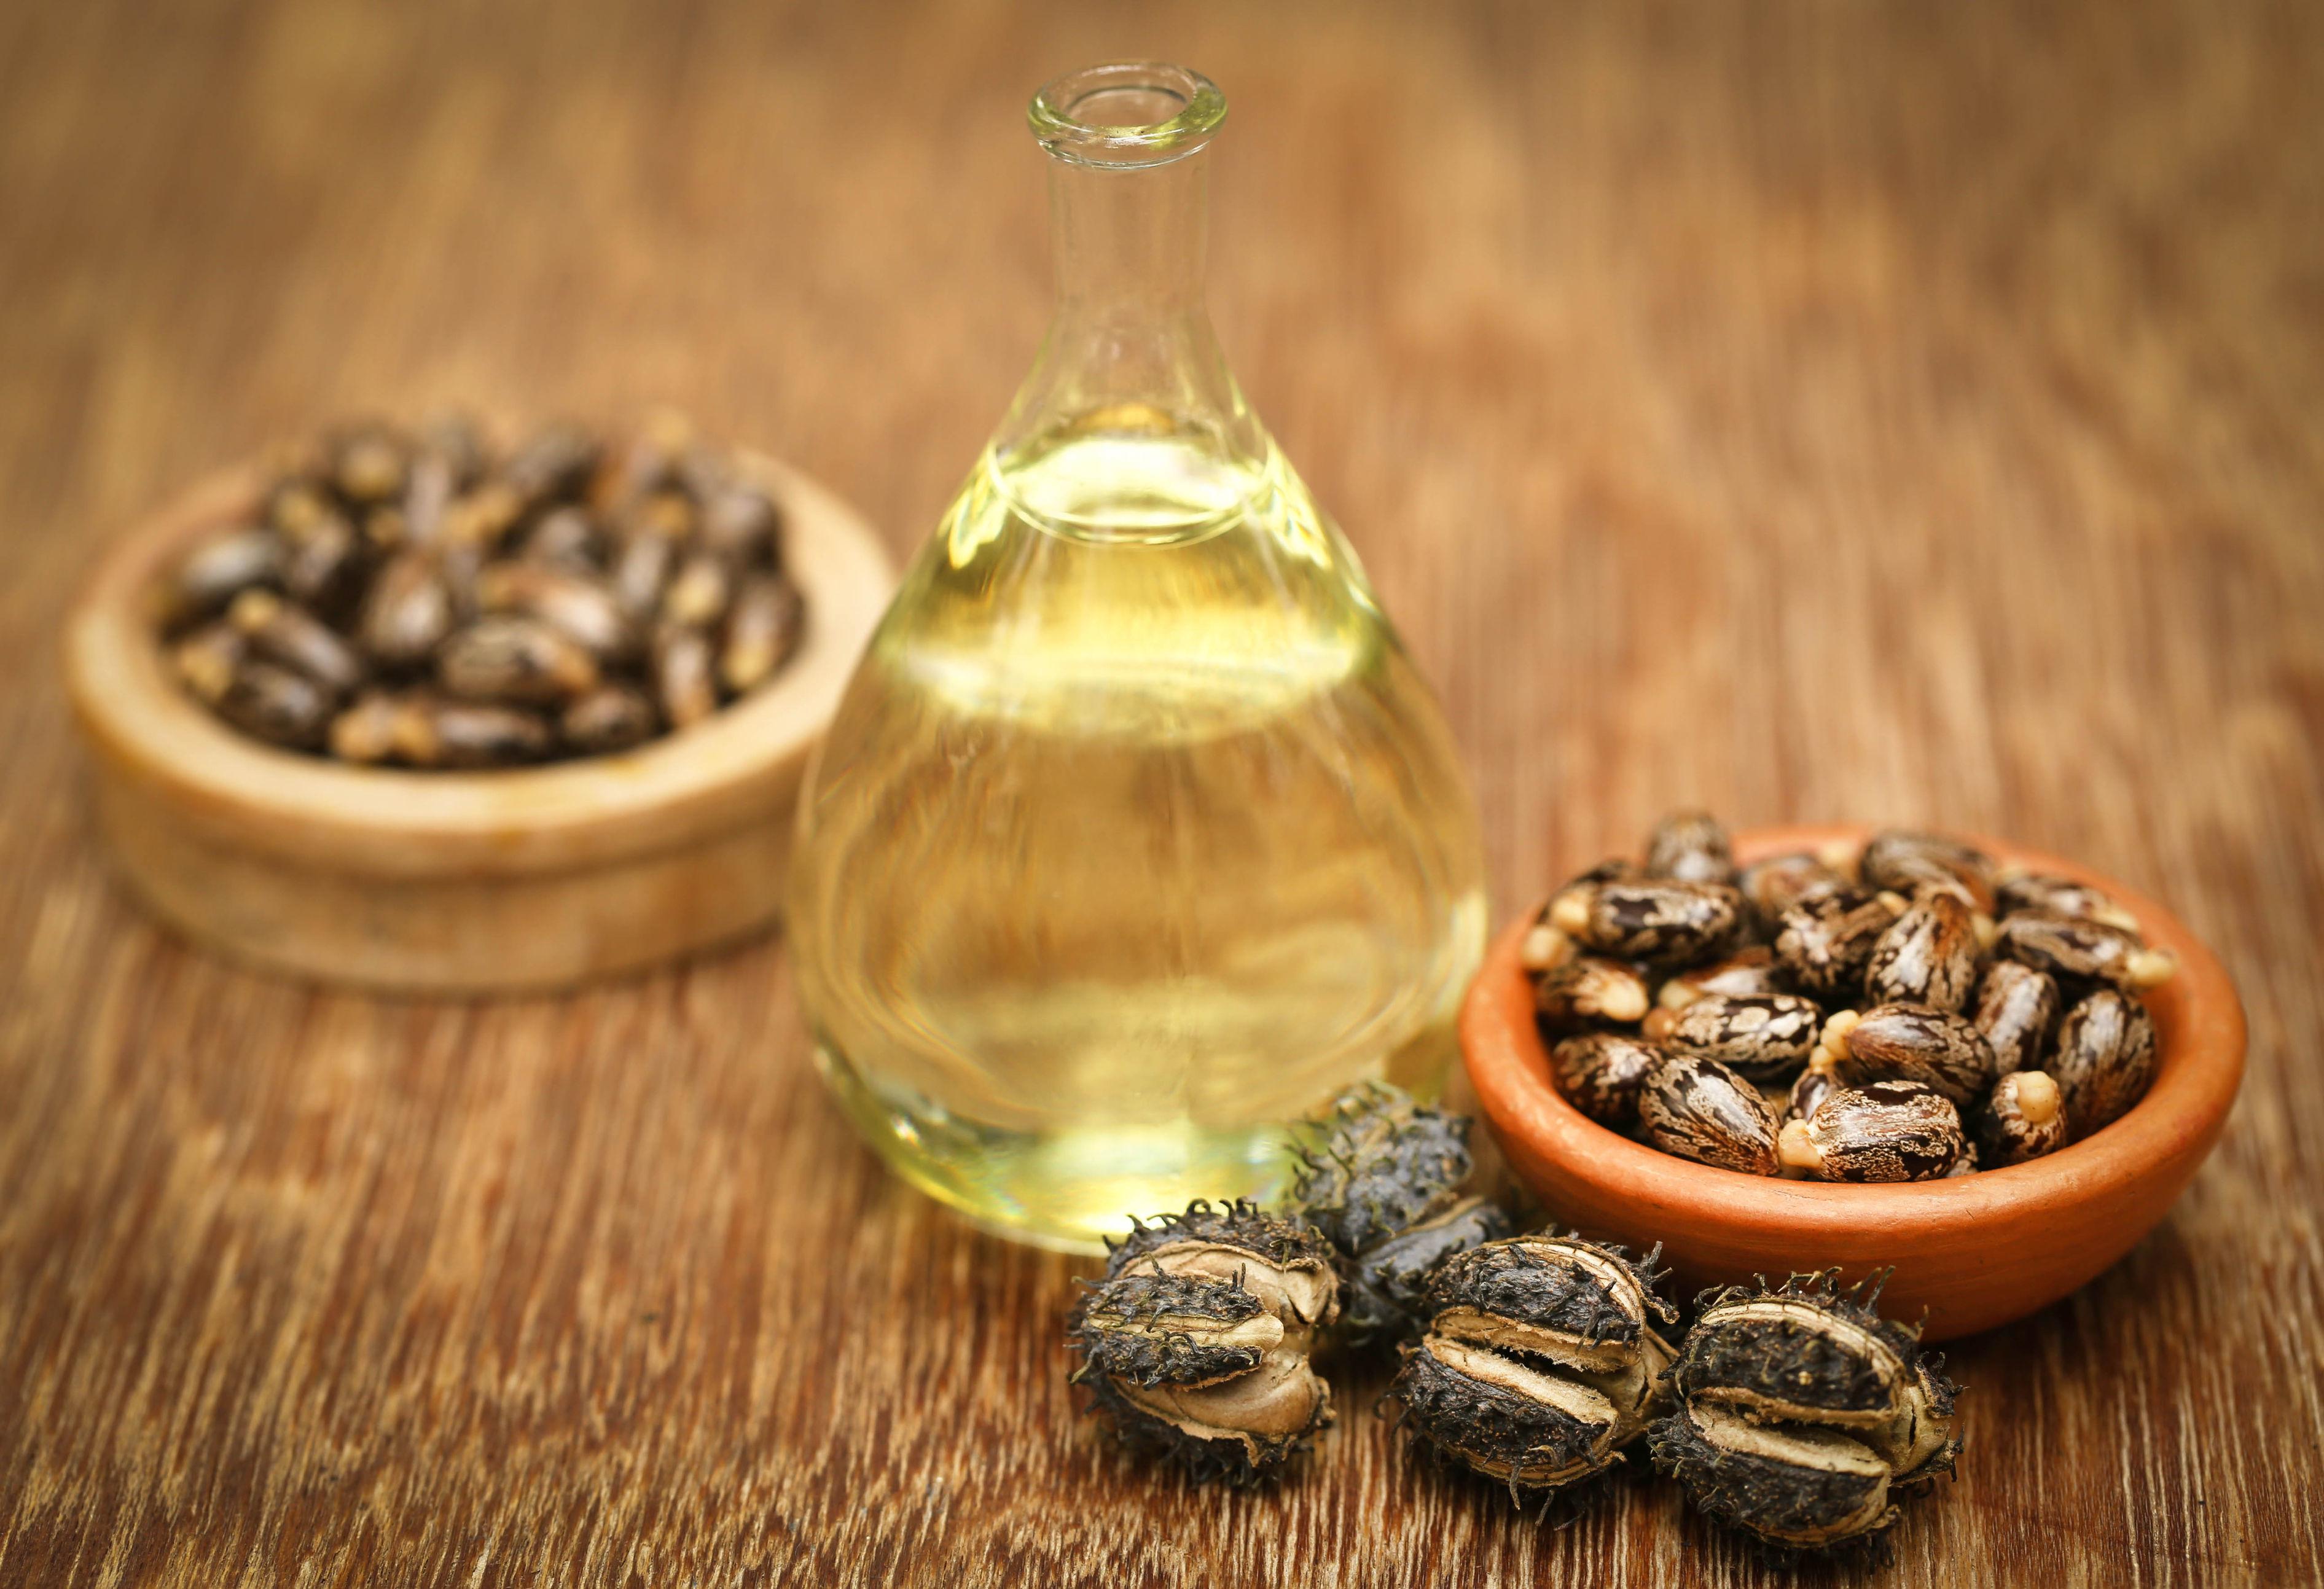 huile de ricin 2 - MAN ITSELF - Spécialiste des produits de soin visage, rasage, corps, cheveux, bouche, accessoires et idées cadeaux homme